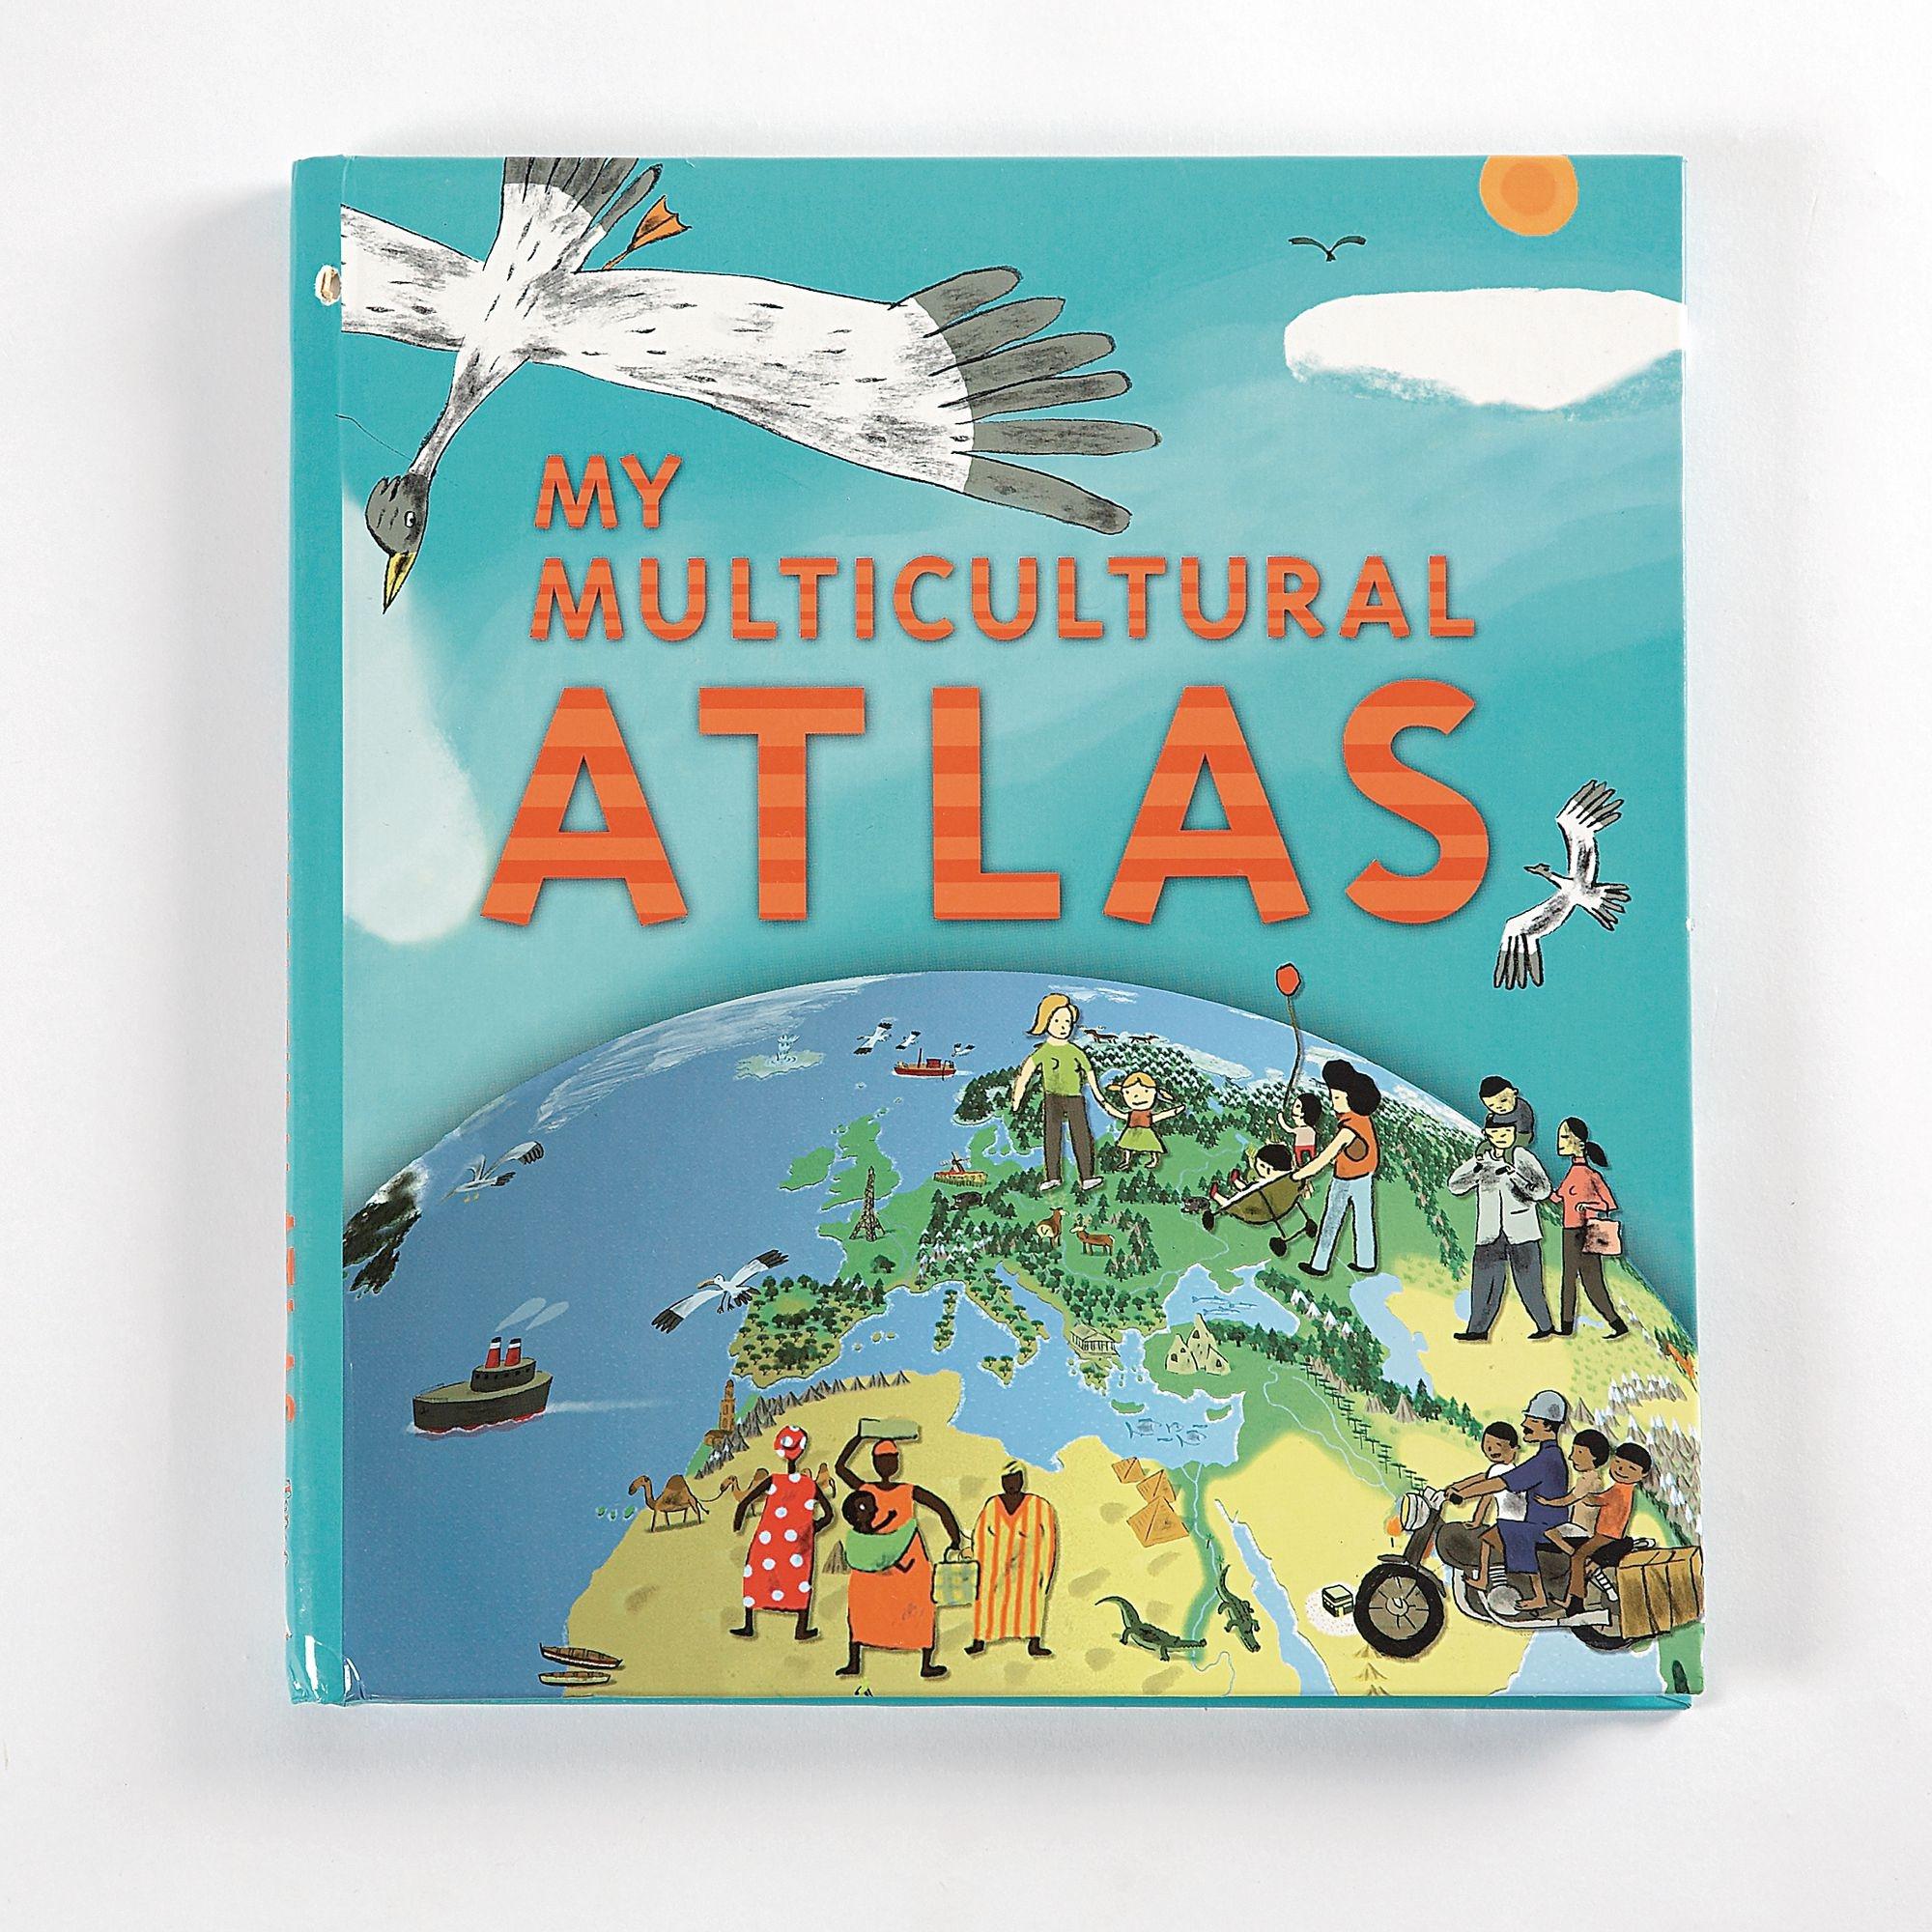 Multicultural Atlas